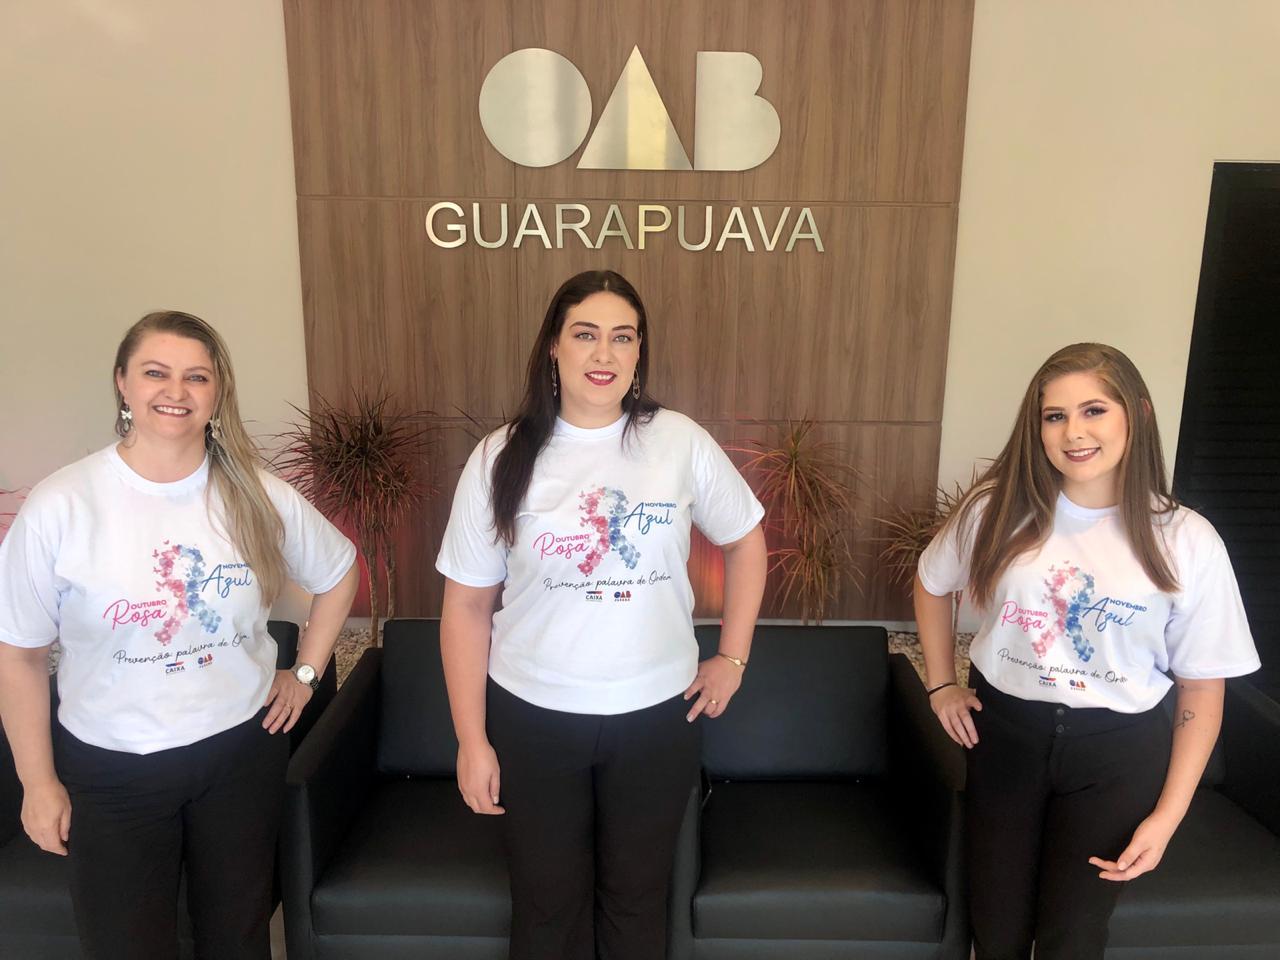 OAB Guarapuava inicia ações de conscientização do Outubro Rosa